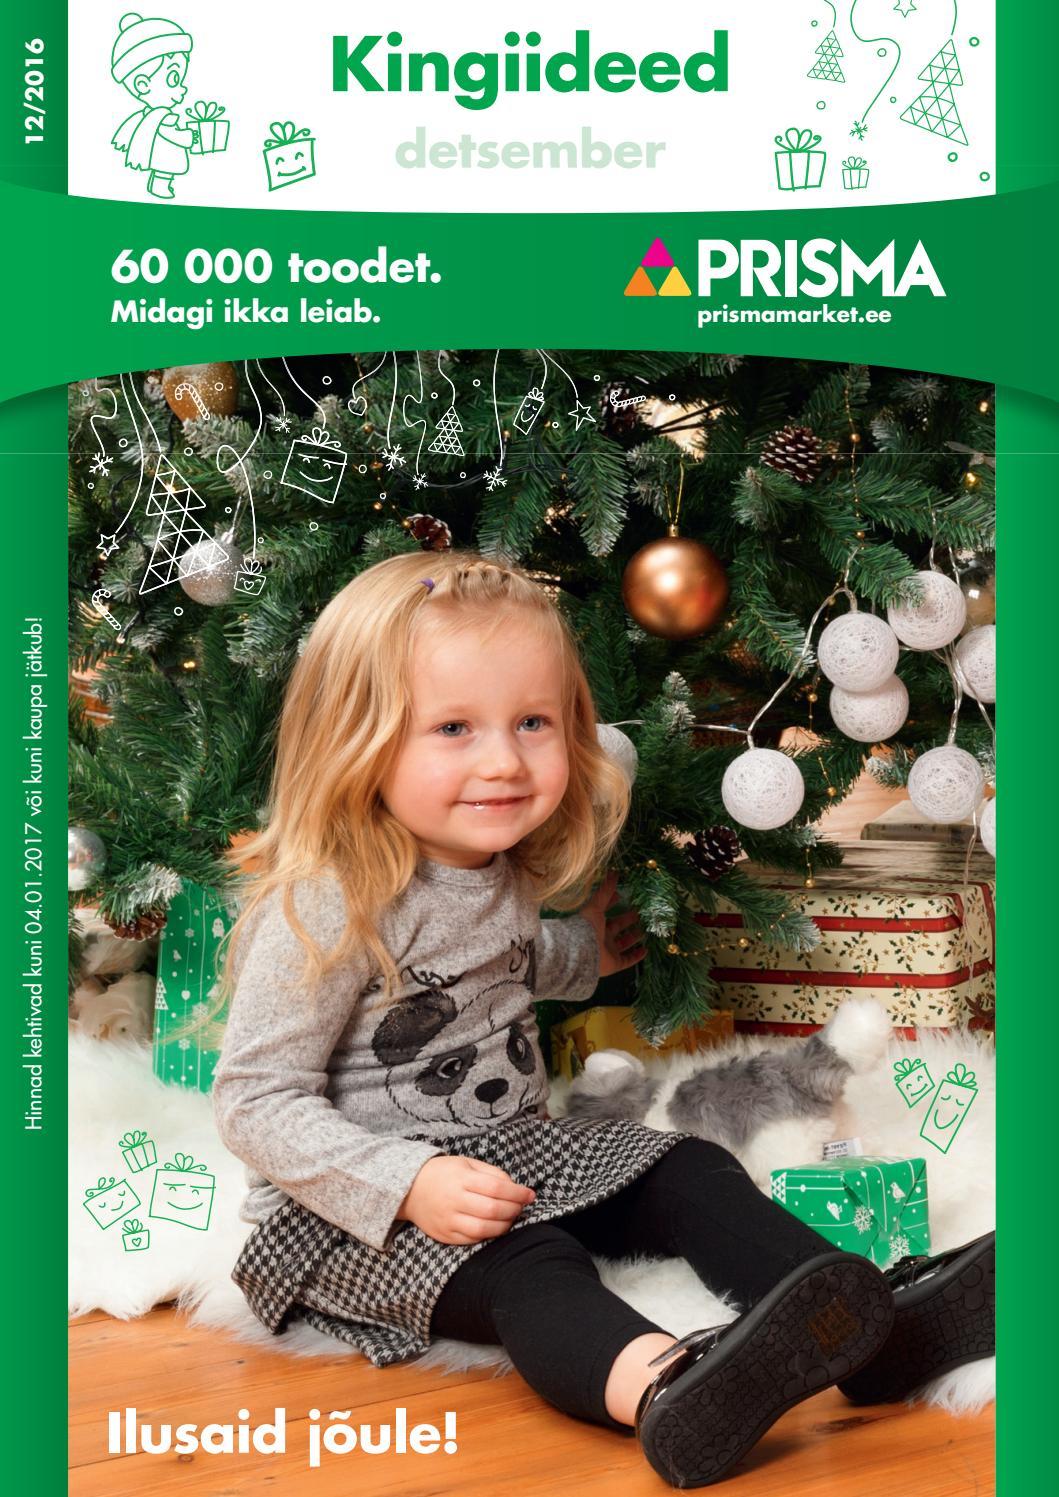 7ad94ef53f8 Prisma jõulukataloog 2016 by Prisma Peremarket - issuu